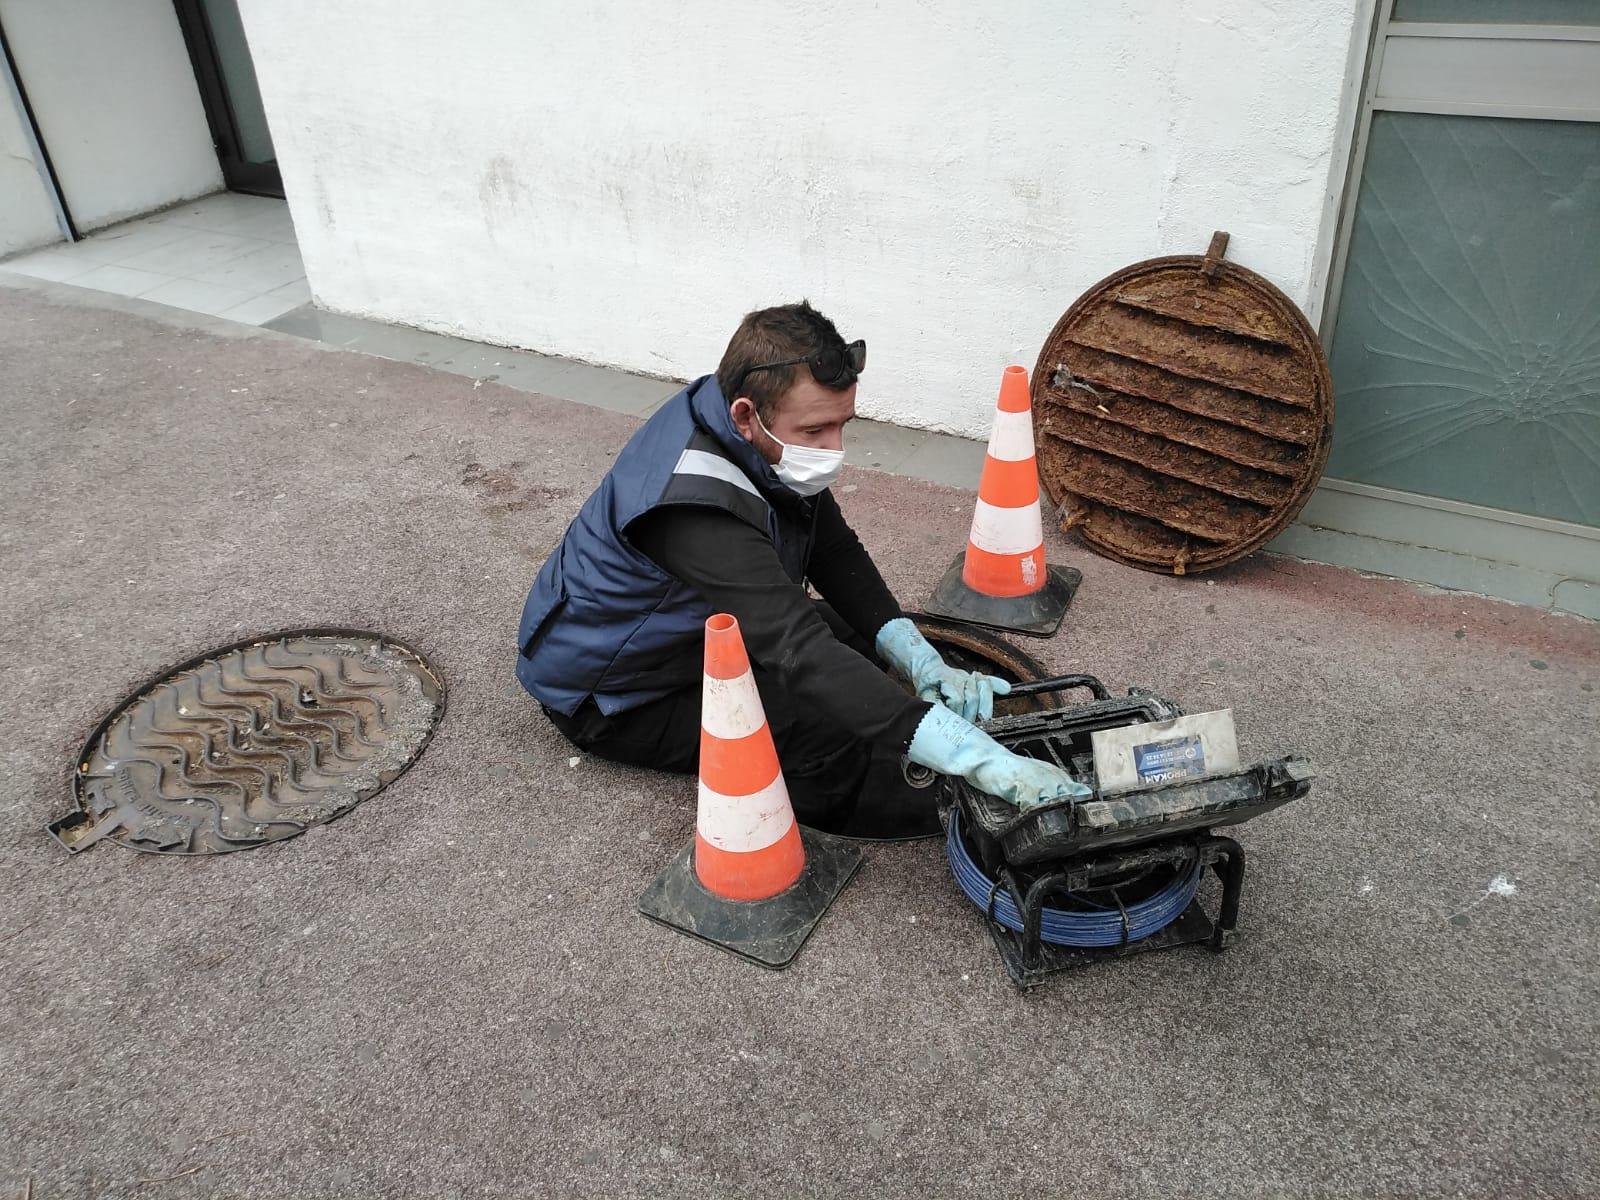 réparation canalisation avec inspection caméra